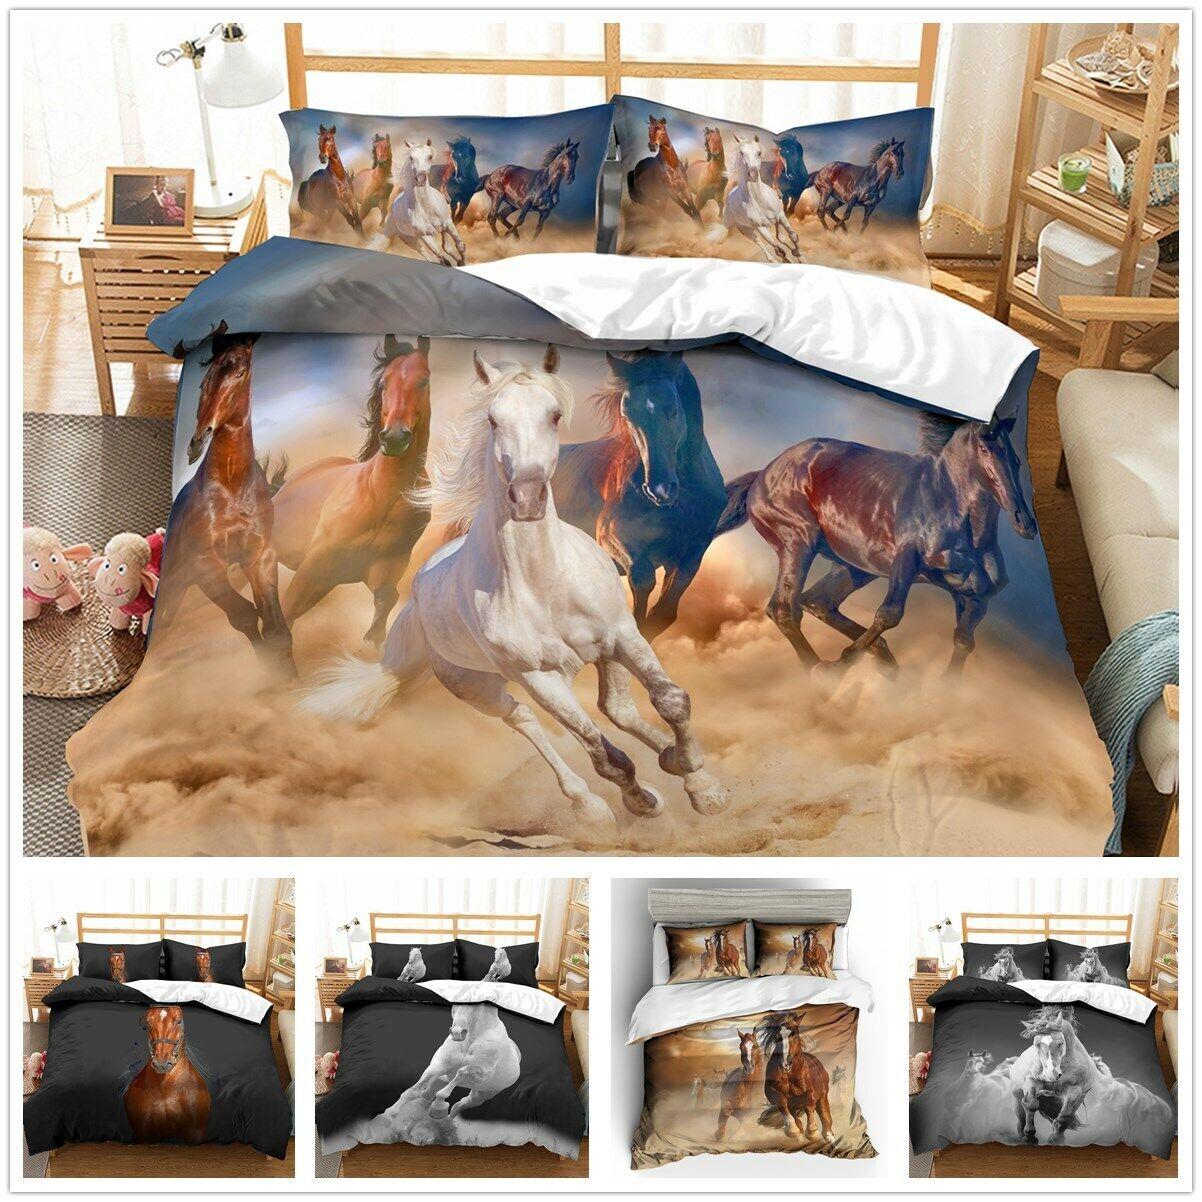 3D Animal Horse Print Duvet Cover Bedding Set Pillowcase Comforter Quilt Cover